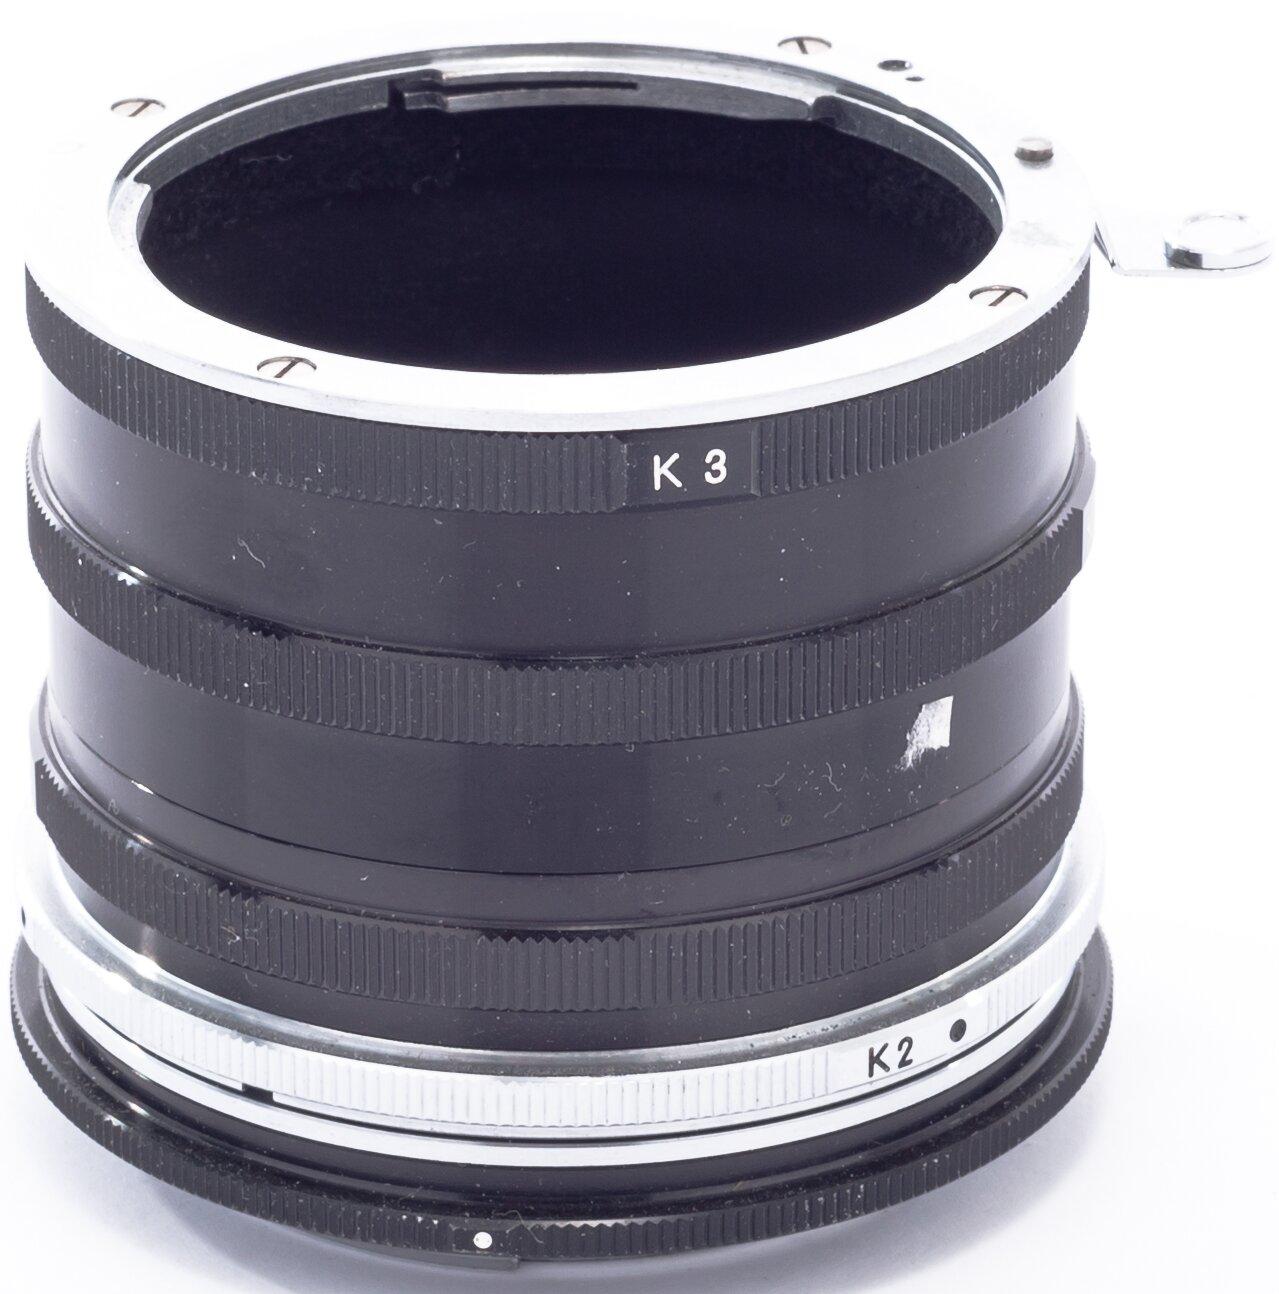 Nikon Extensionring-set  K1,2,3,4,5